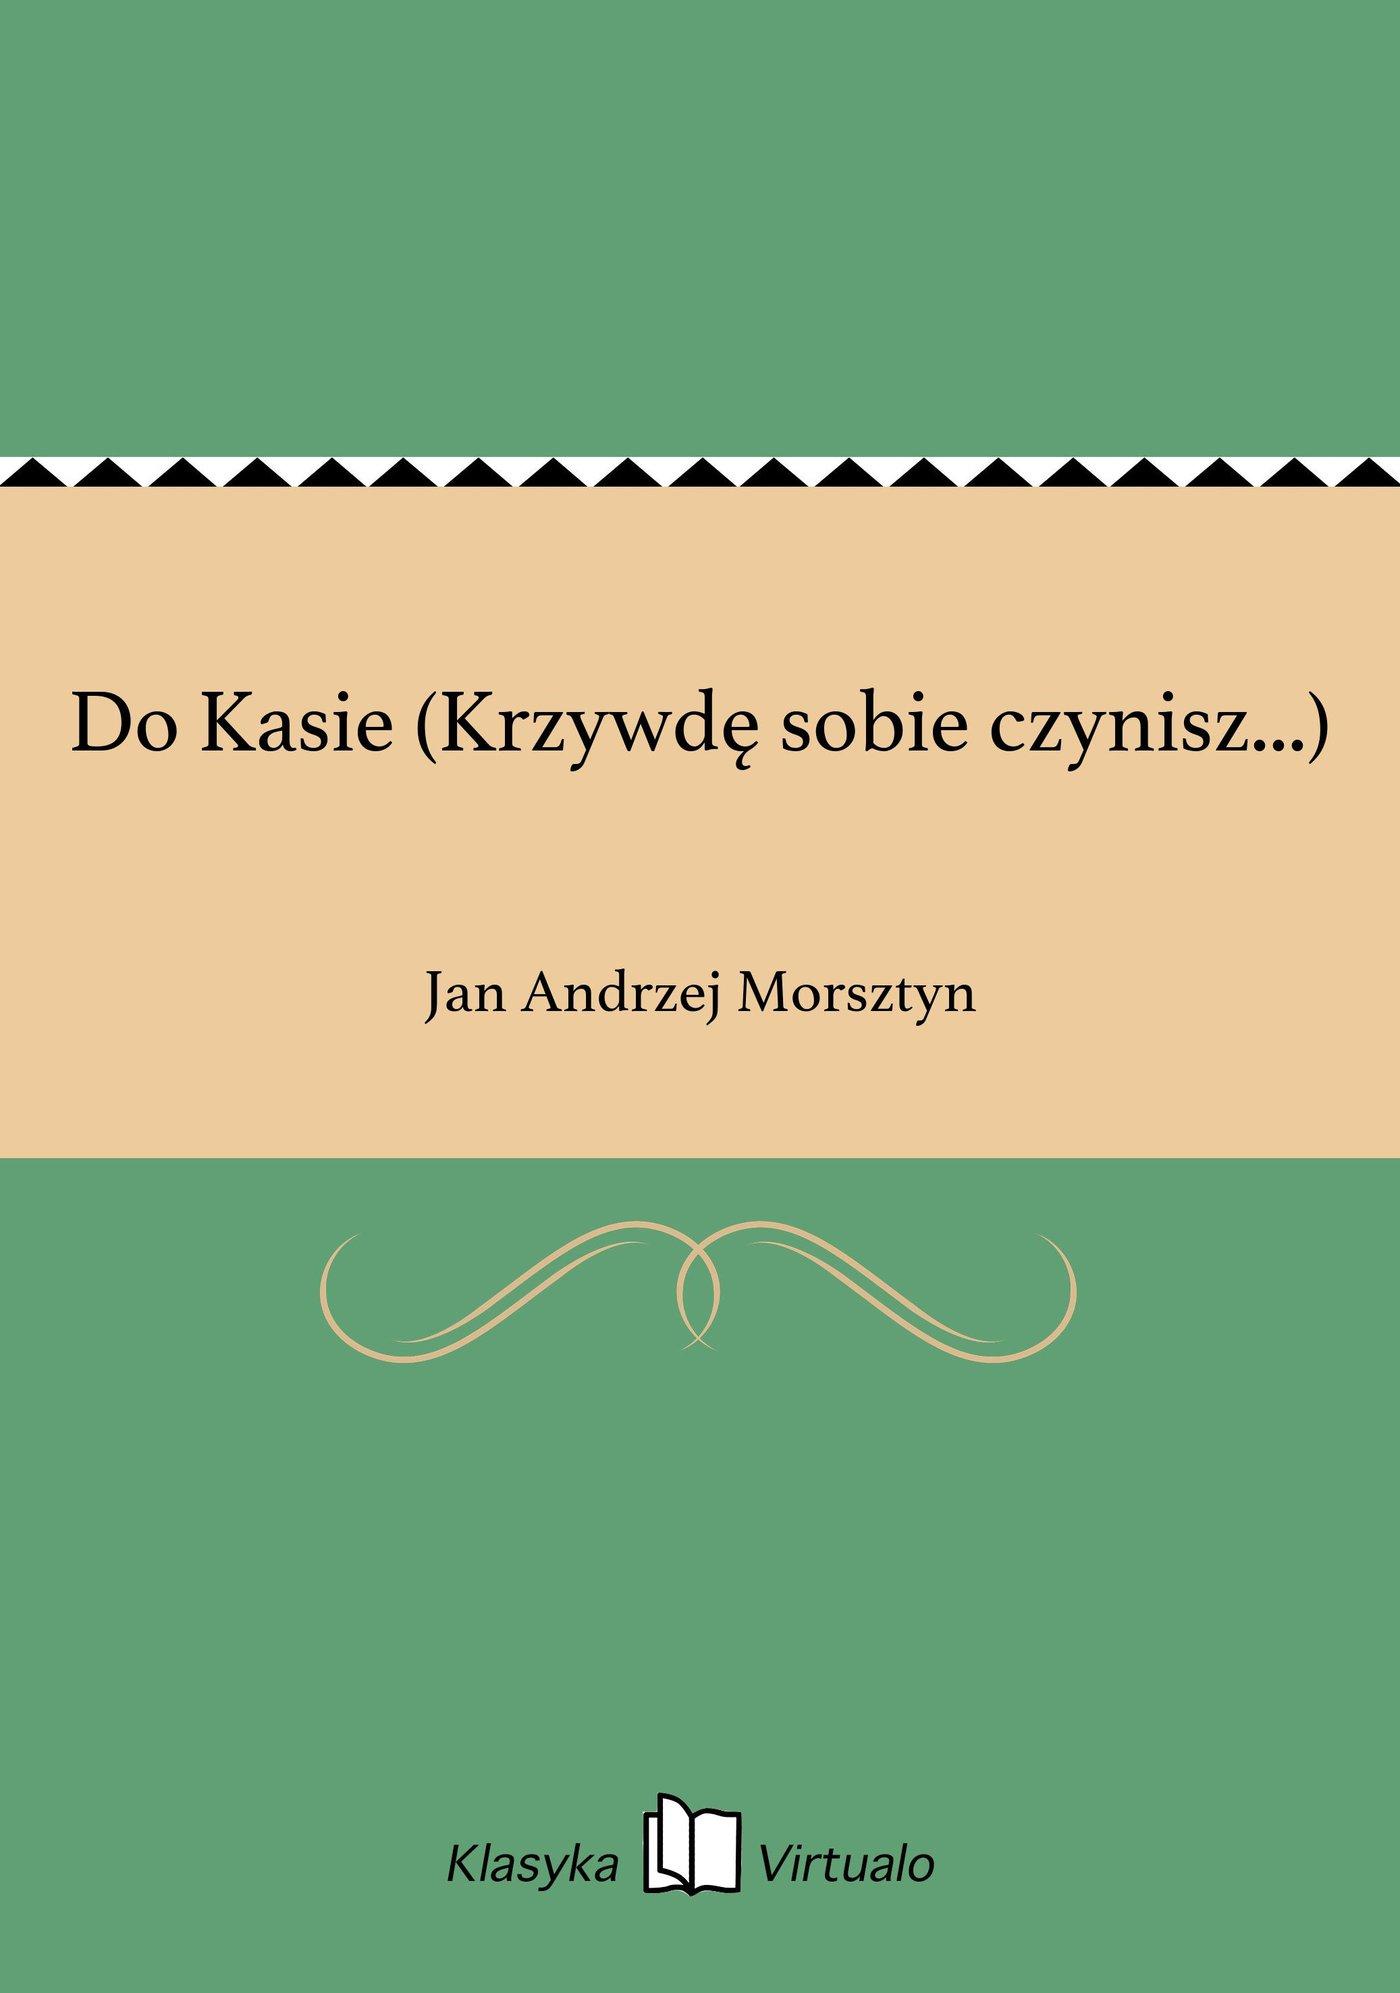 Do Kasie (Krzywdę sobie czynisz...) - Ebook (Książka EPUB) do pobrania w formacie EPUB